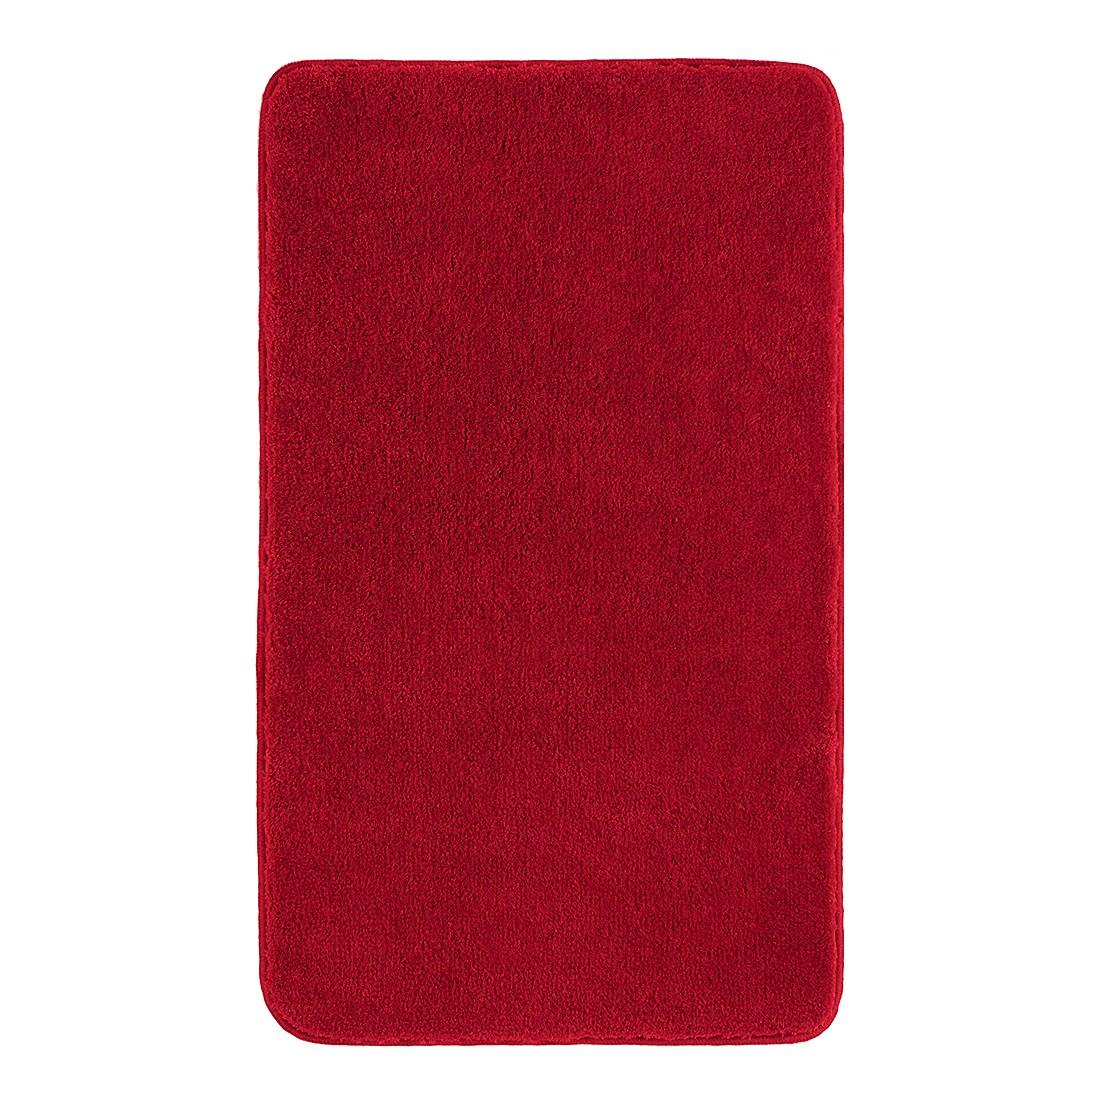 Badteppich Comfort – Rot – Größe: 80 x 50 cm, Grund günstig bestellen